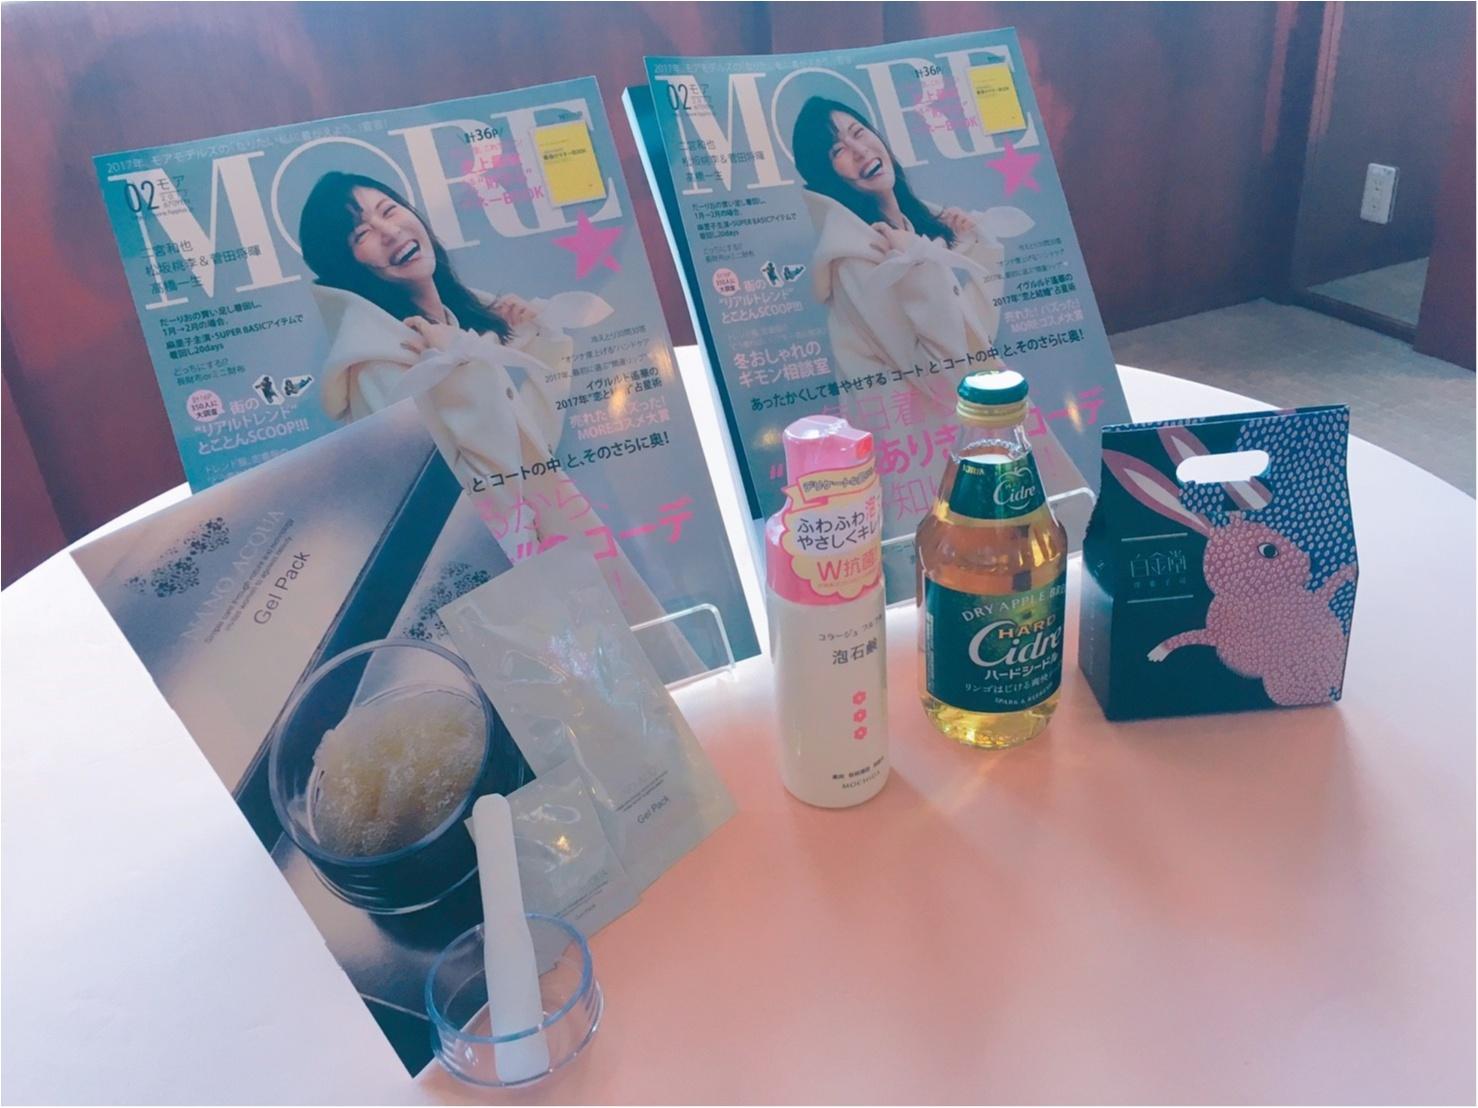 【MORE大女子会】読めばあなたもキラキラ!?♡パークハイアット東京で夢のよな素敵時間レポート!_3